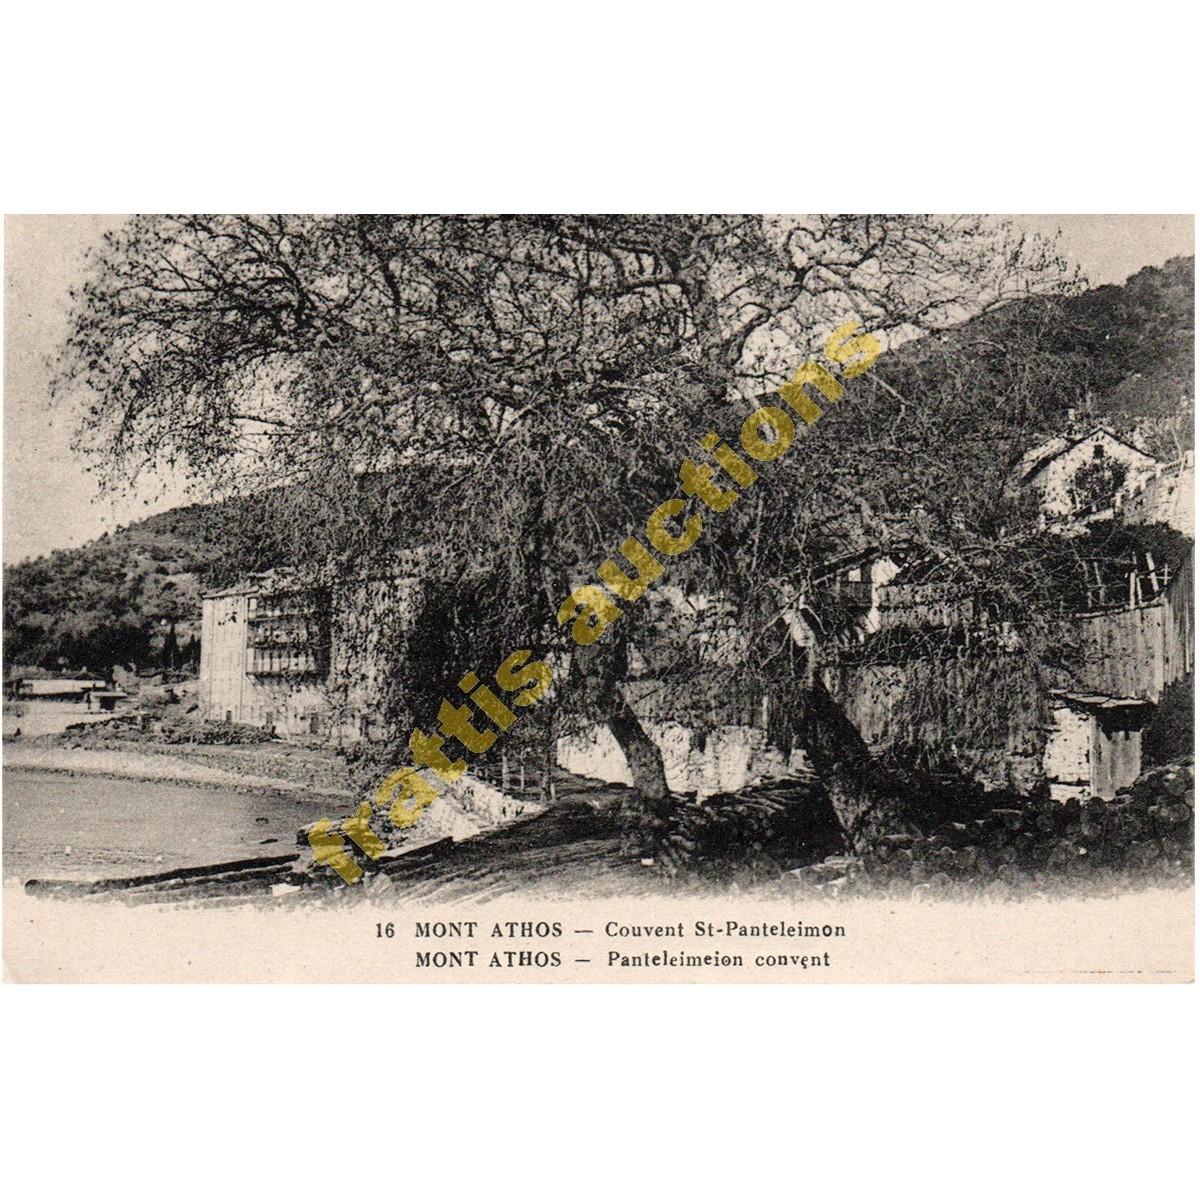 Ι.Μ. ΑΓΙΟΥ ΠΑΝΤΕΛΕΗΜΩΝΟΣ, 16 Mont Athos - Couvent St-Panteleimon, edition Parisiana, Paris